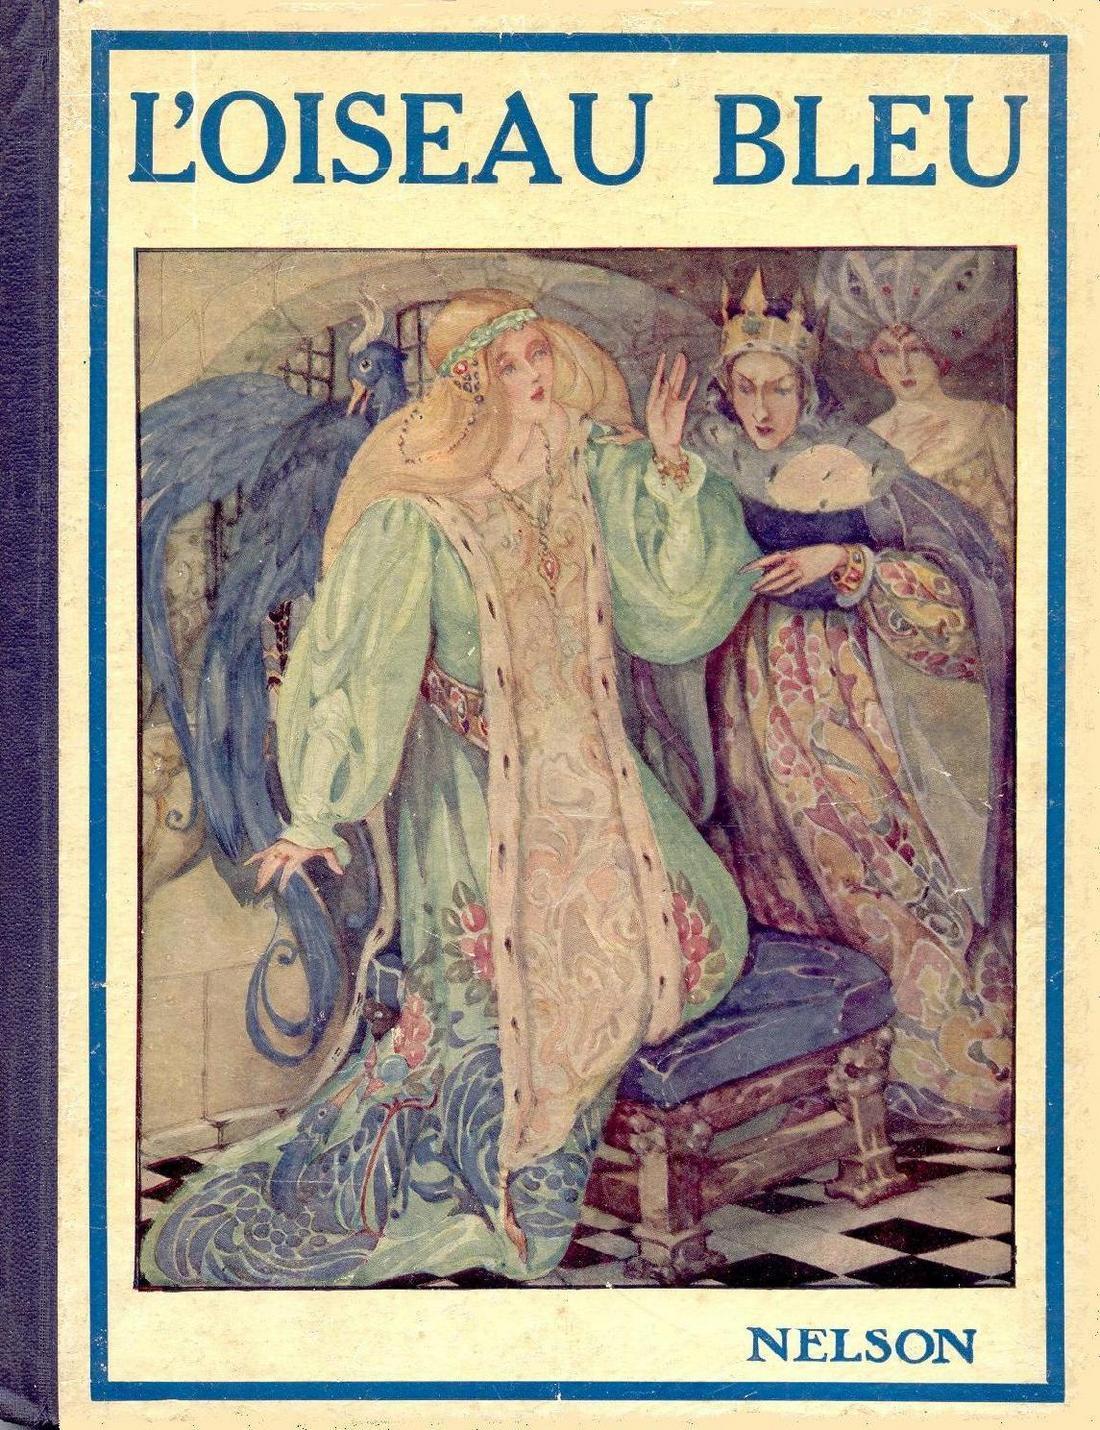 Le bleu dans les titres d'oeuvres littéraires